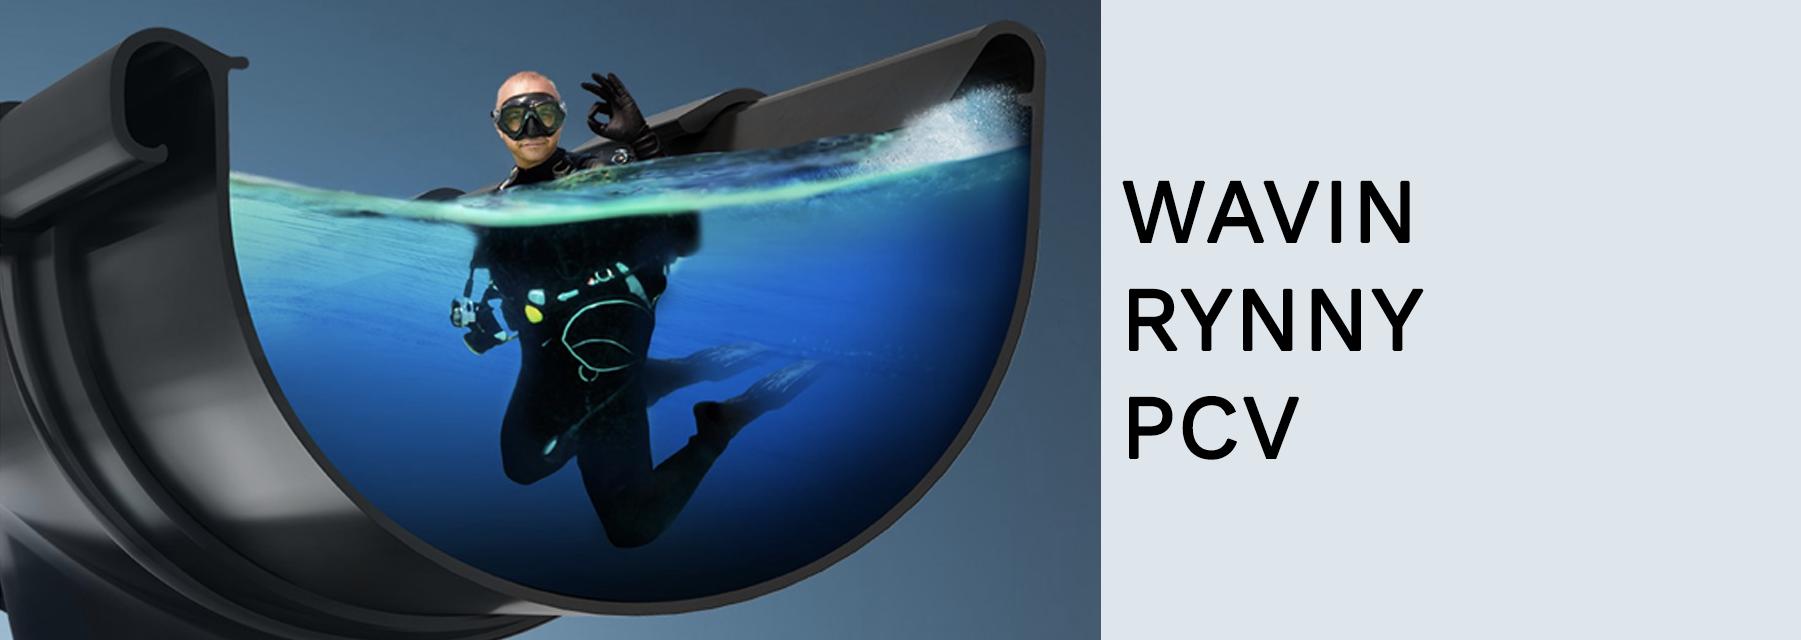 RYNNY PCV WAVIN